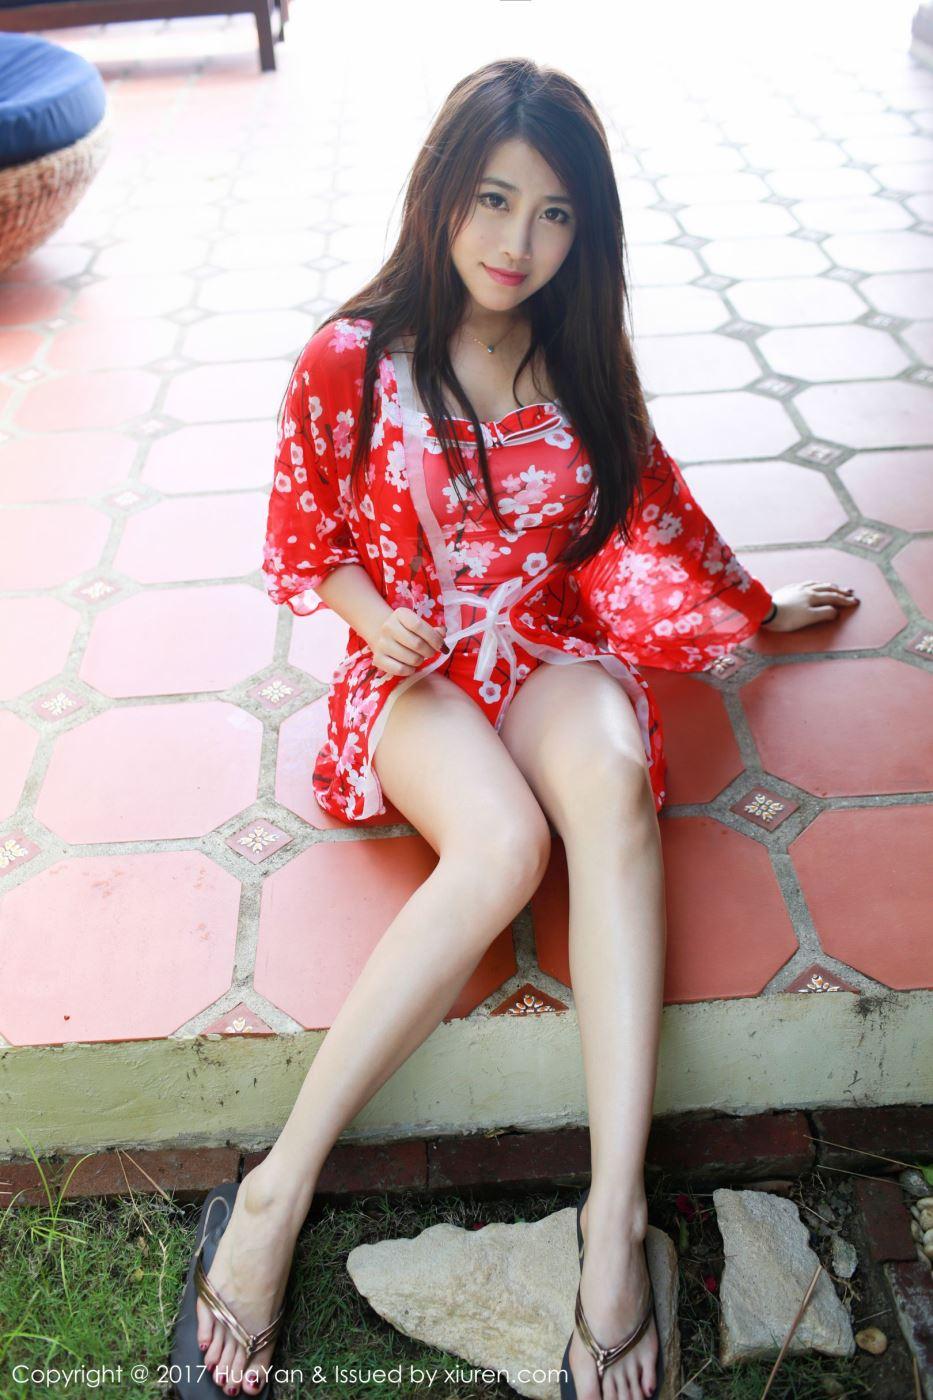 长腿美女许诺Sabrina制服诱惑长筒袜高清美女图片